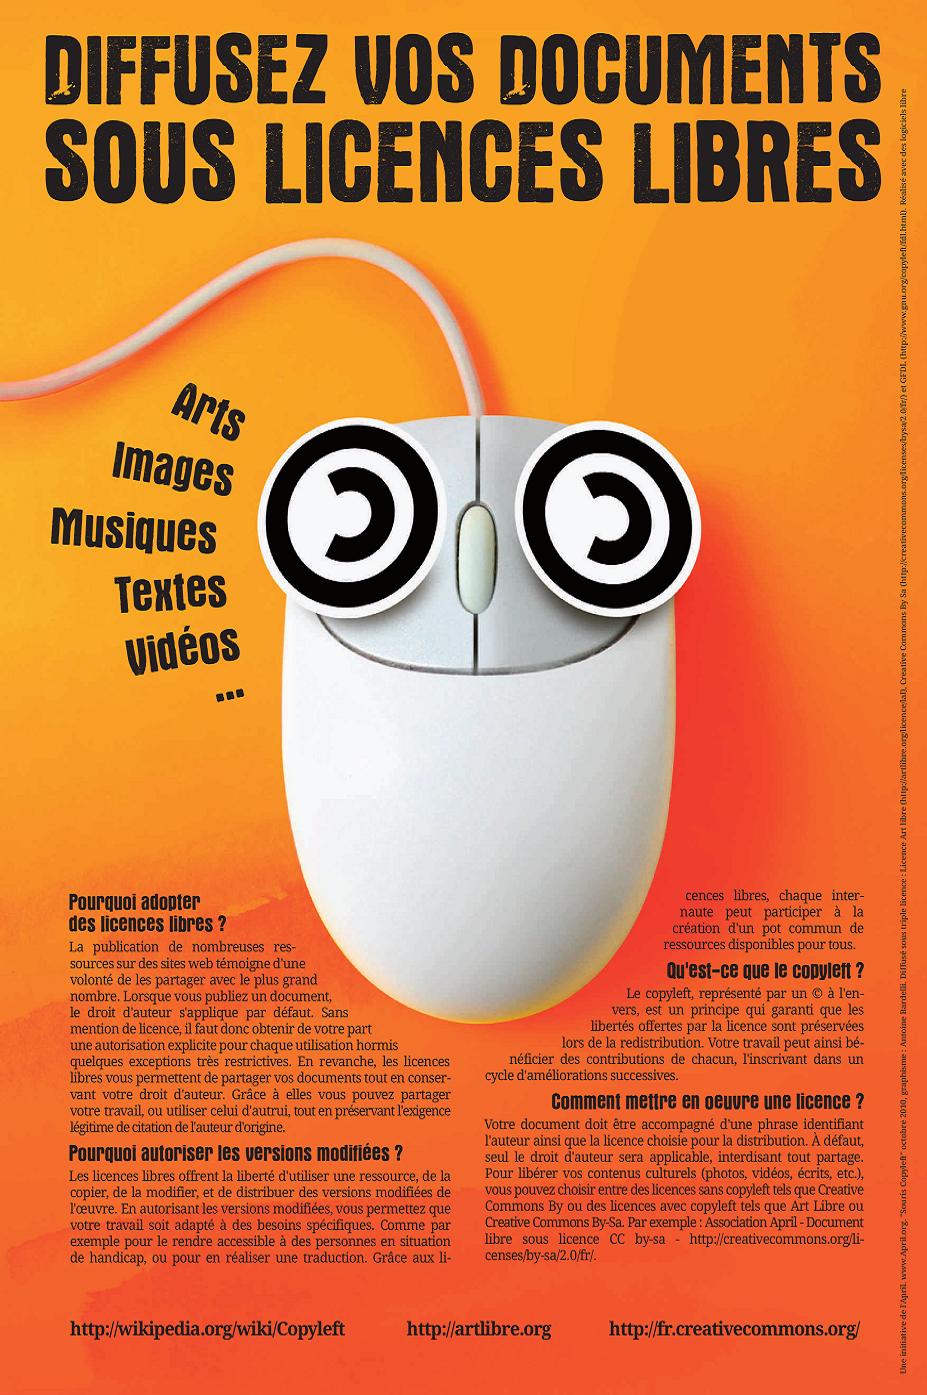 composition d'une affiche pour la diffusion de documents sous licence libre. www.april.org / graphisme : Antoine Bardelli, 2010